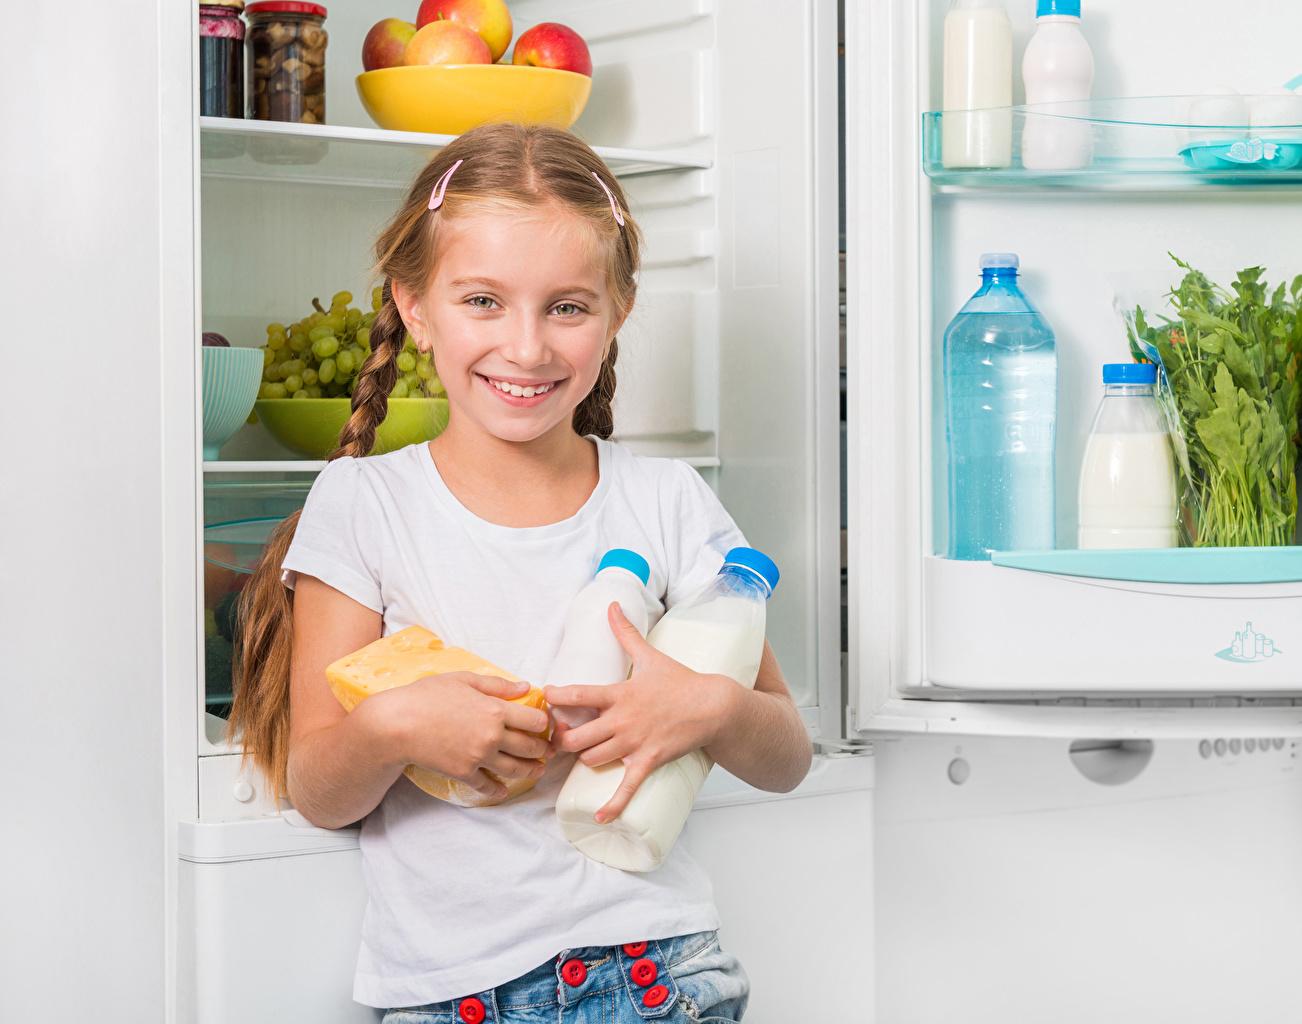 Фотографии Молоко девочка Холодильник Улыбка Дети бутылки Девочки улыбается Ребёнок Бутылка